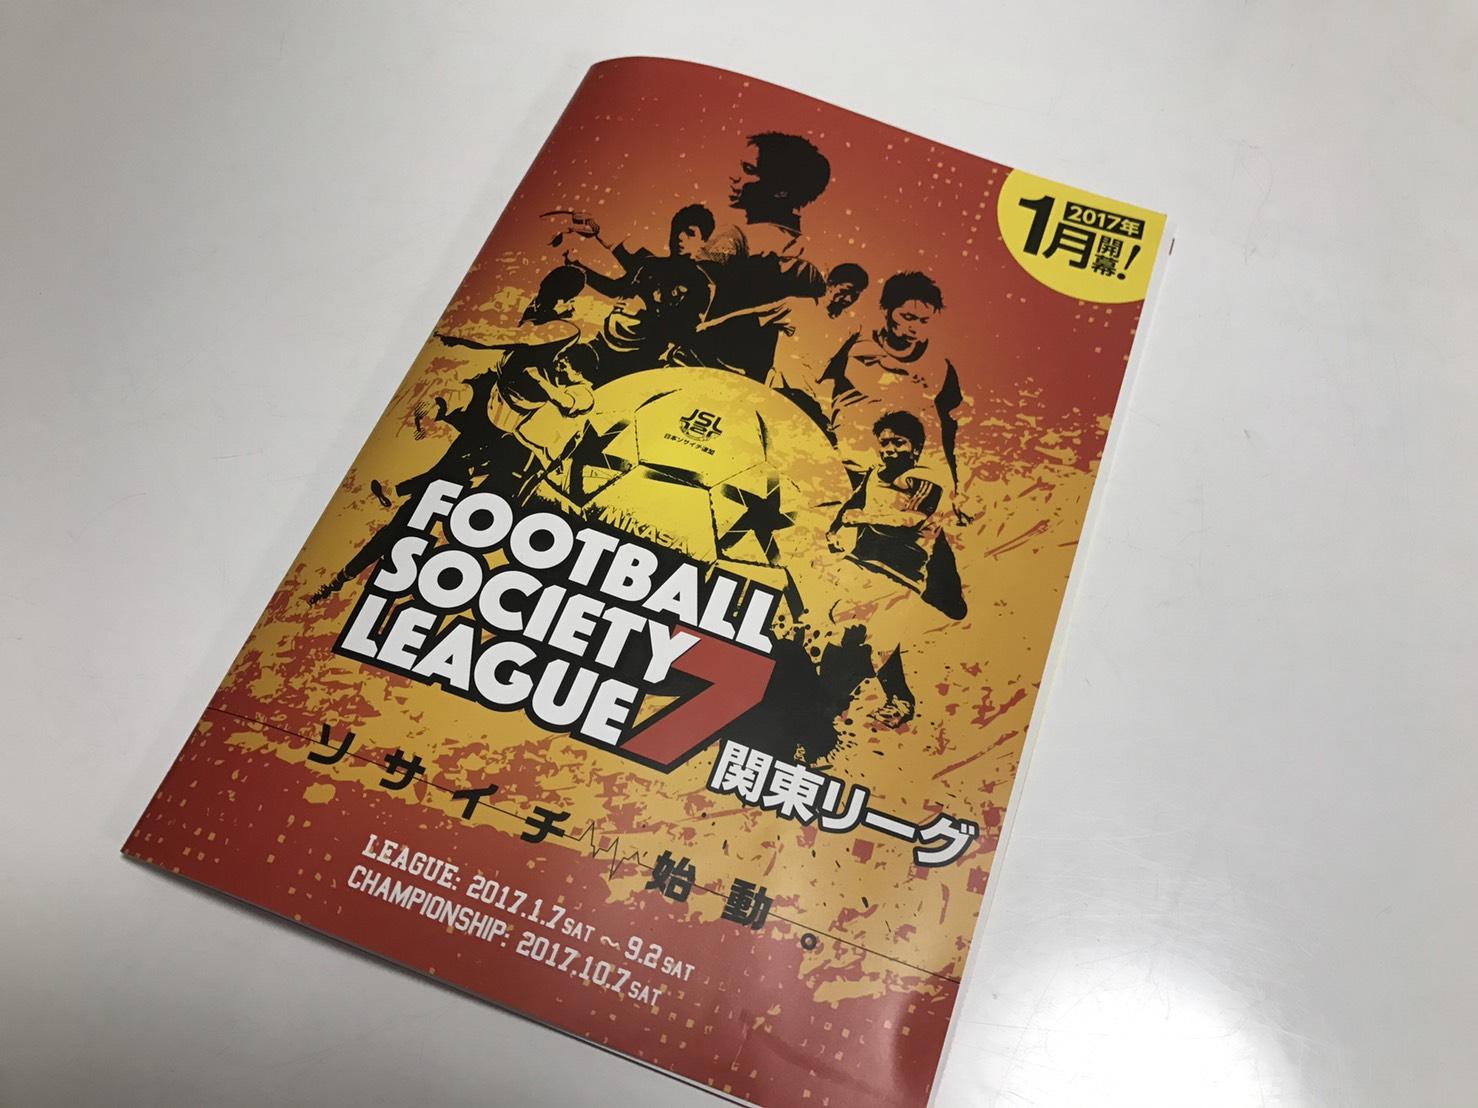 『フットボール7ソサイチ関東リーグ』コンサルティング